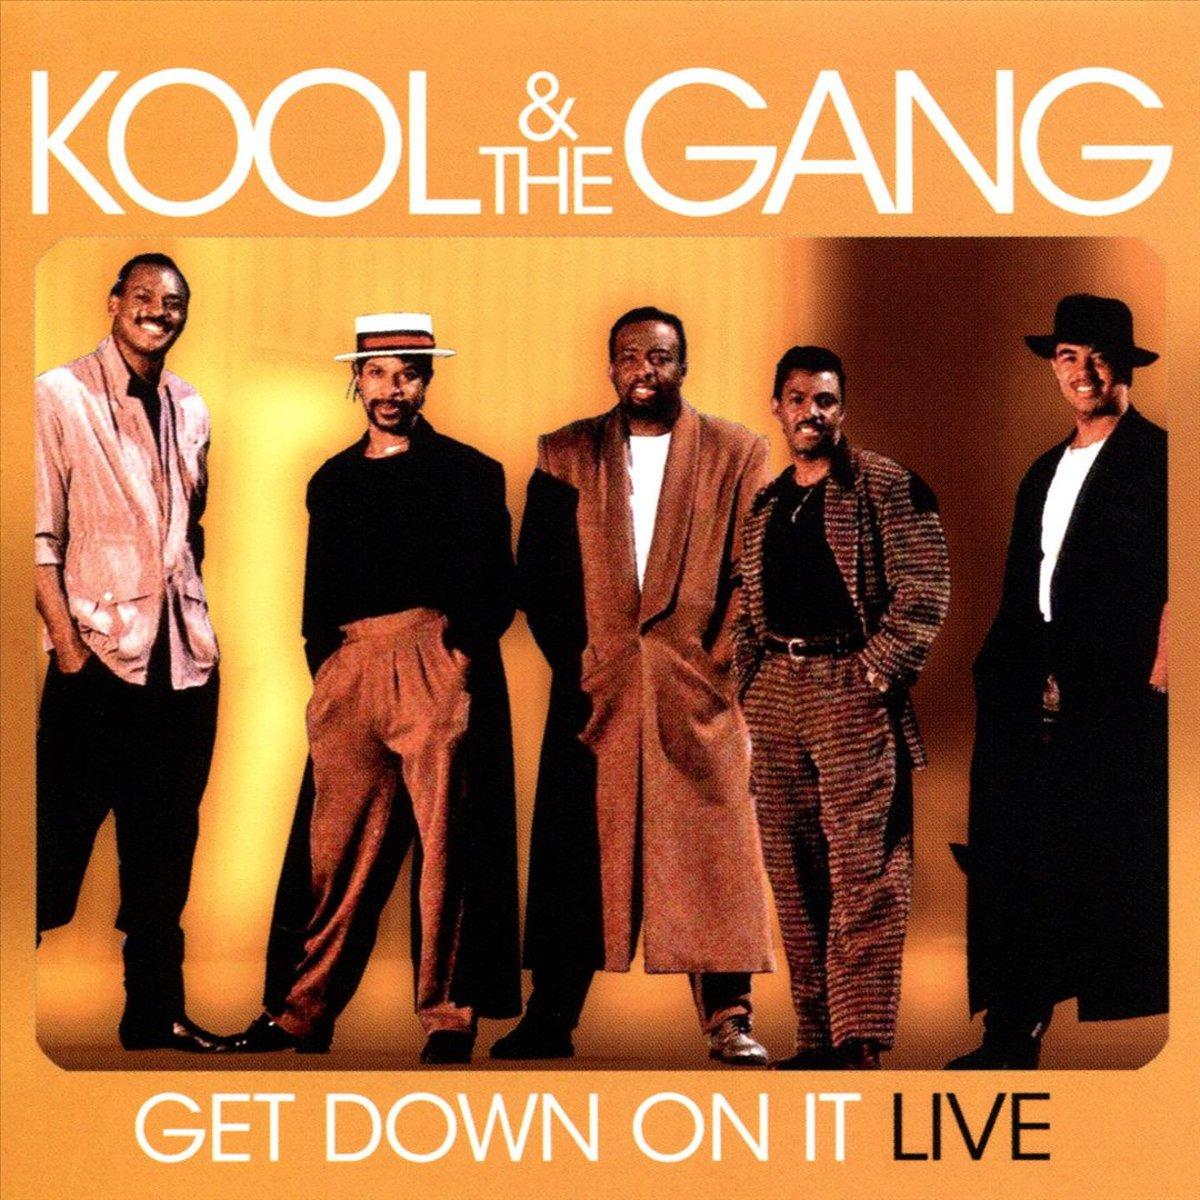 Kool & The Gang Kool & The Gang. Live kool